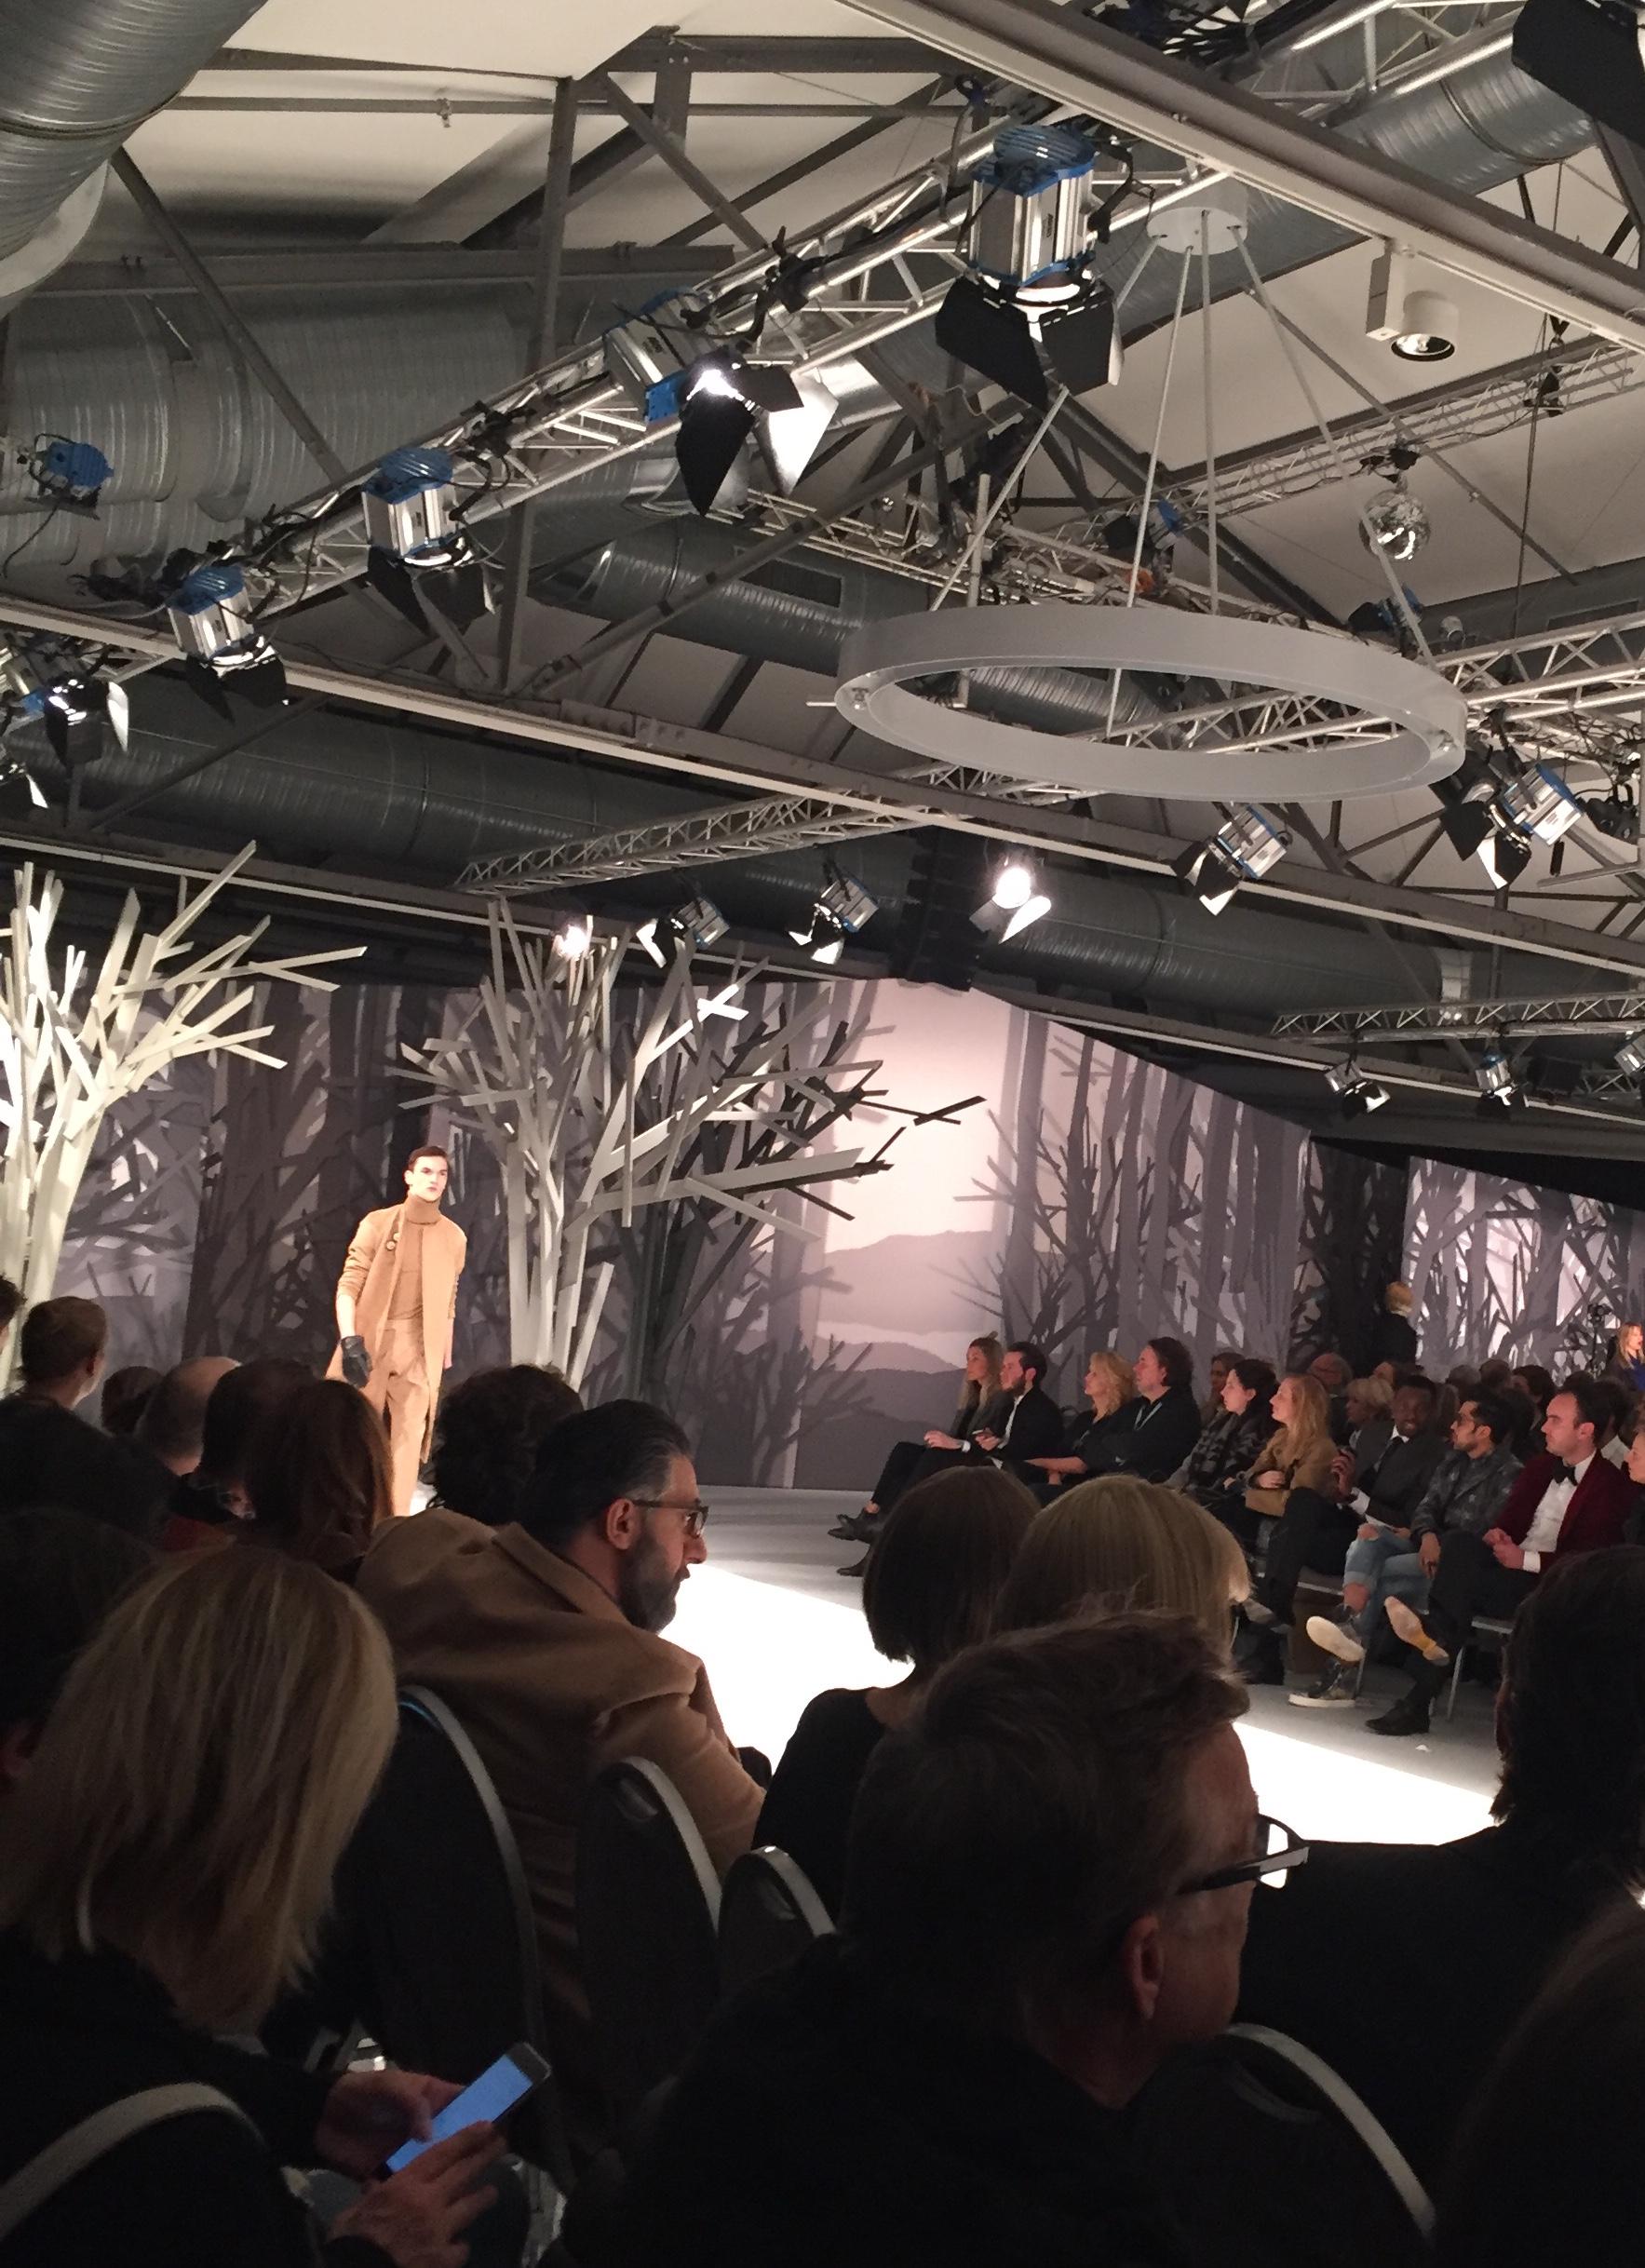 MBFW, Fashion Week, Berlin, Ellington, Kilian Kerner, Show